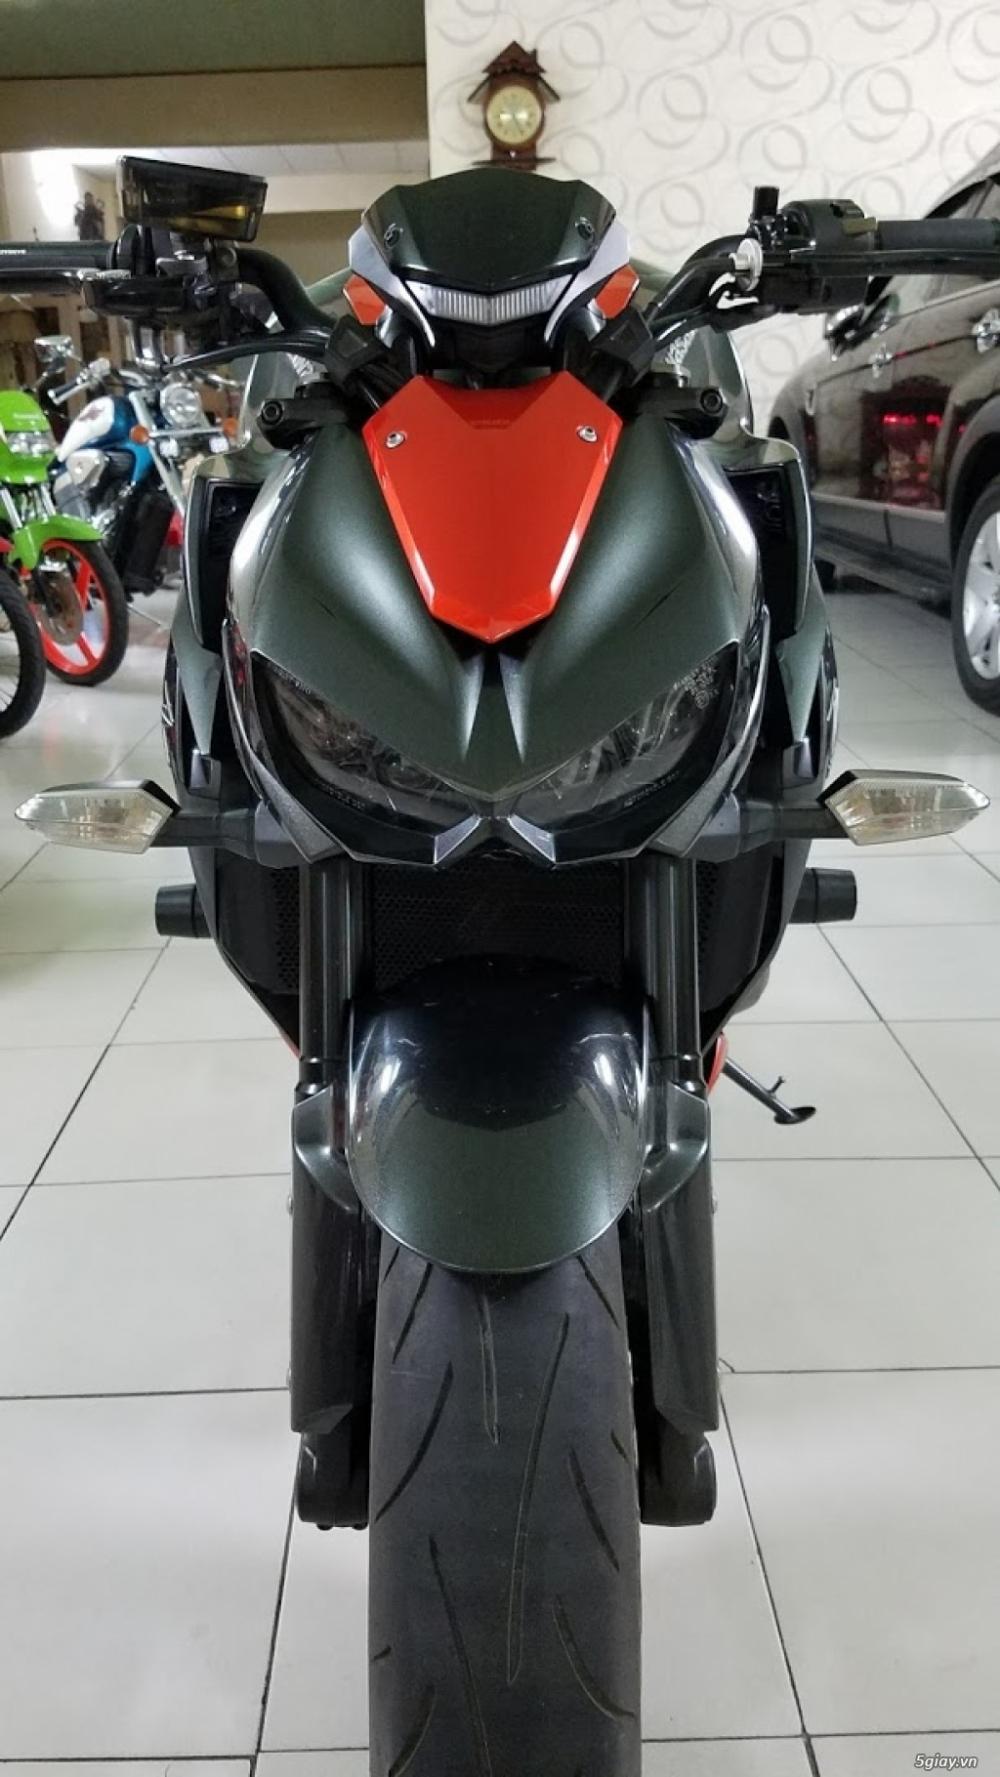 Ban Kawasaki Z1000 62015 ABS HISS Chau Au Saigon bien dep - 5